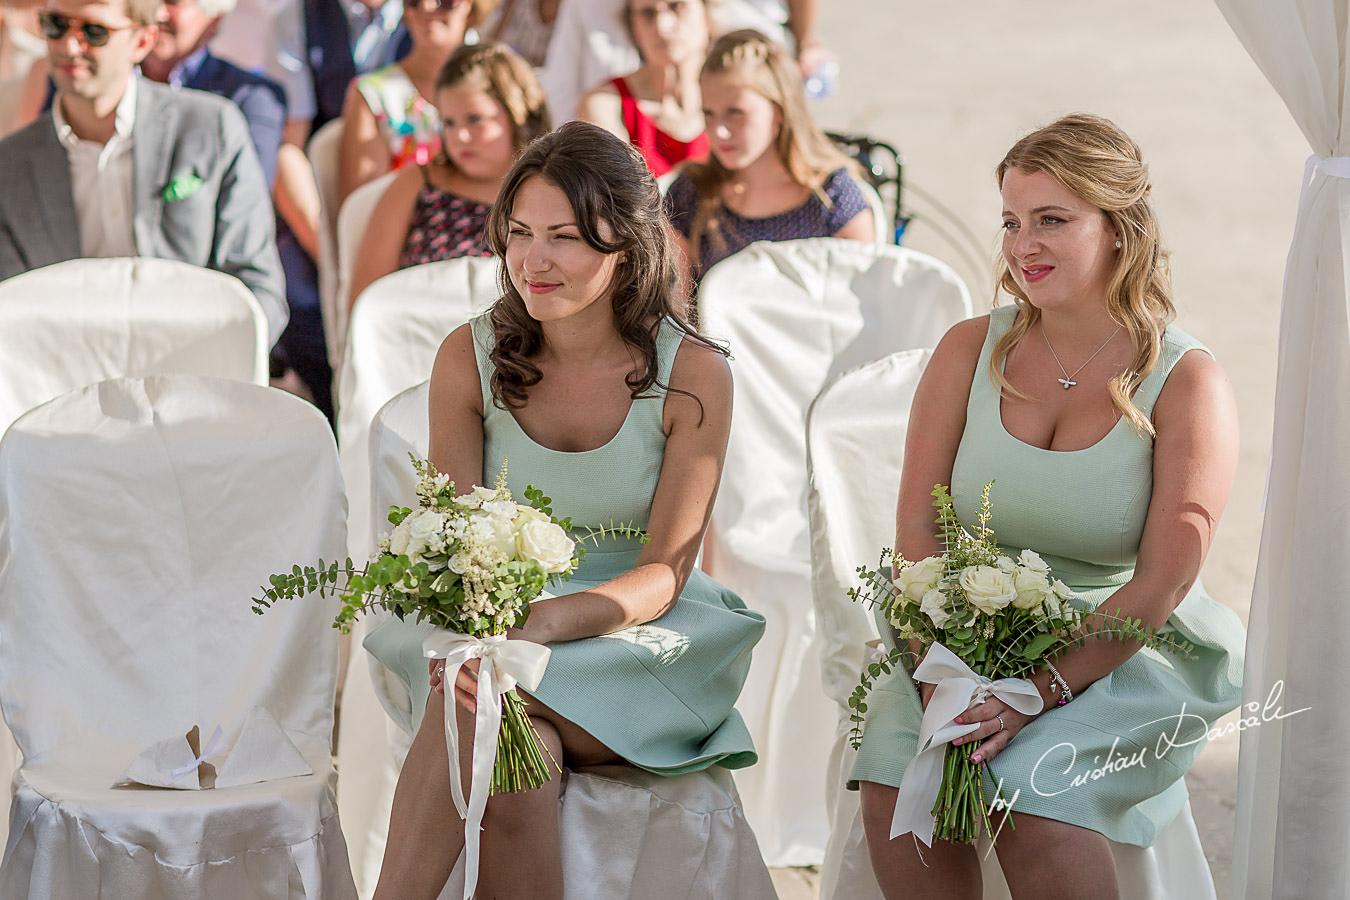 Wedding Celebration at Apokryfo - 53